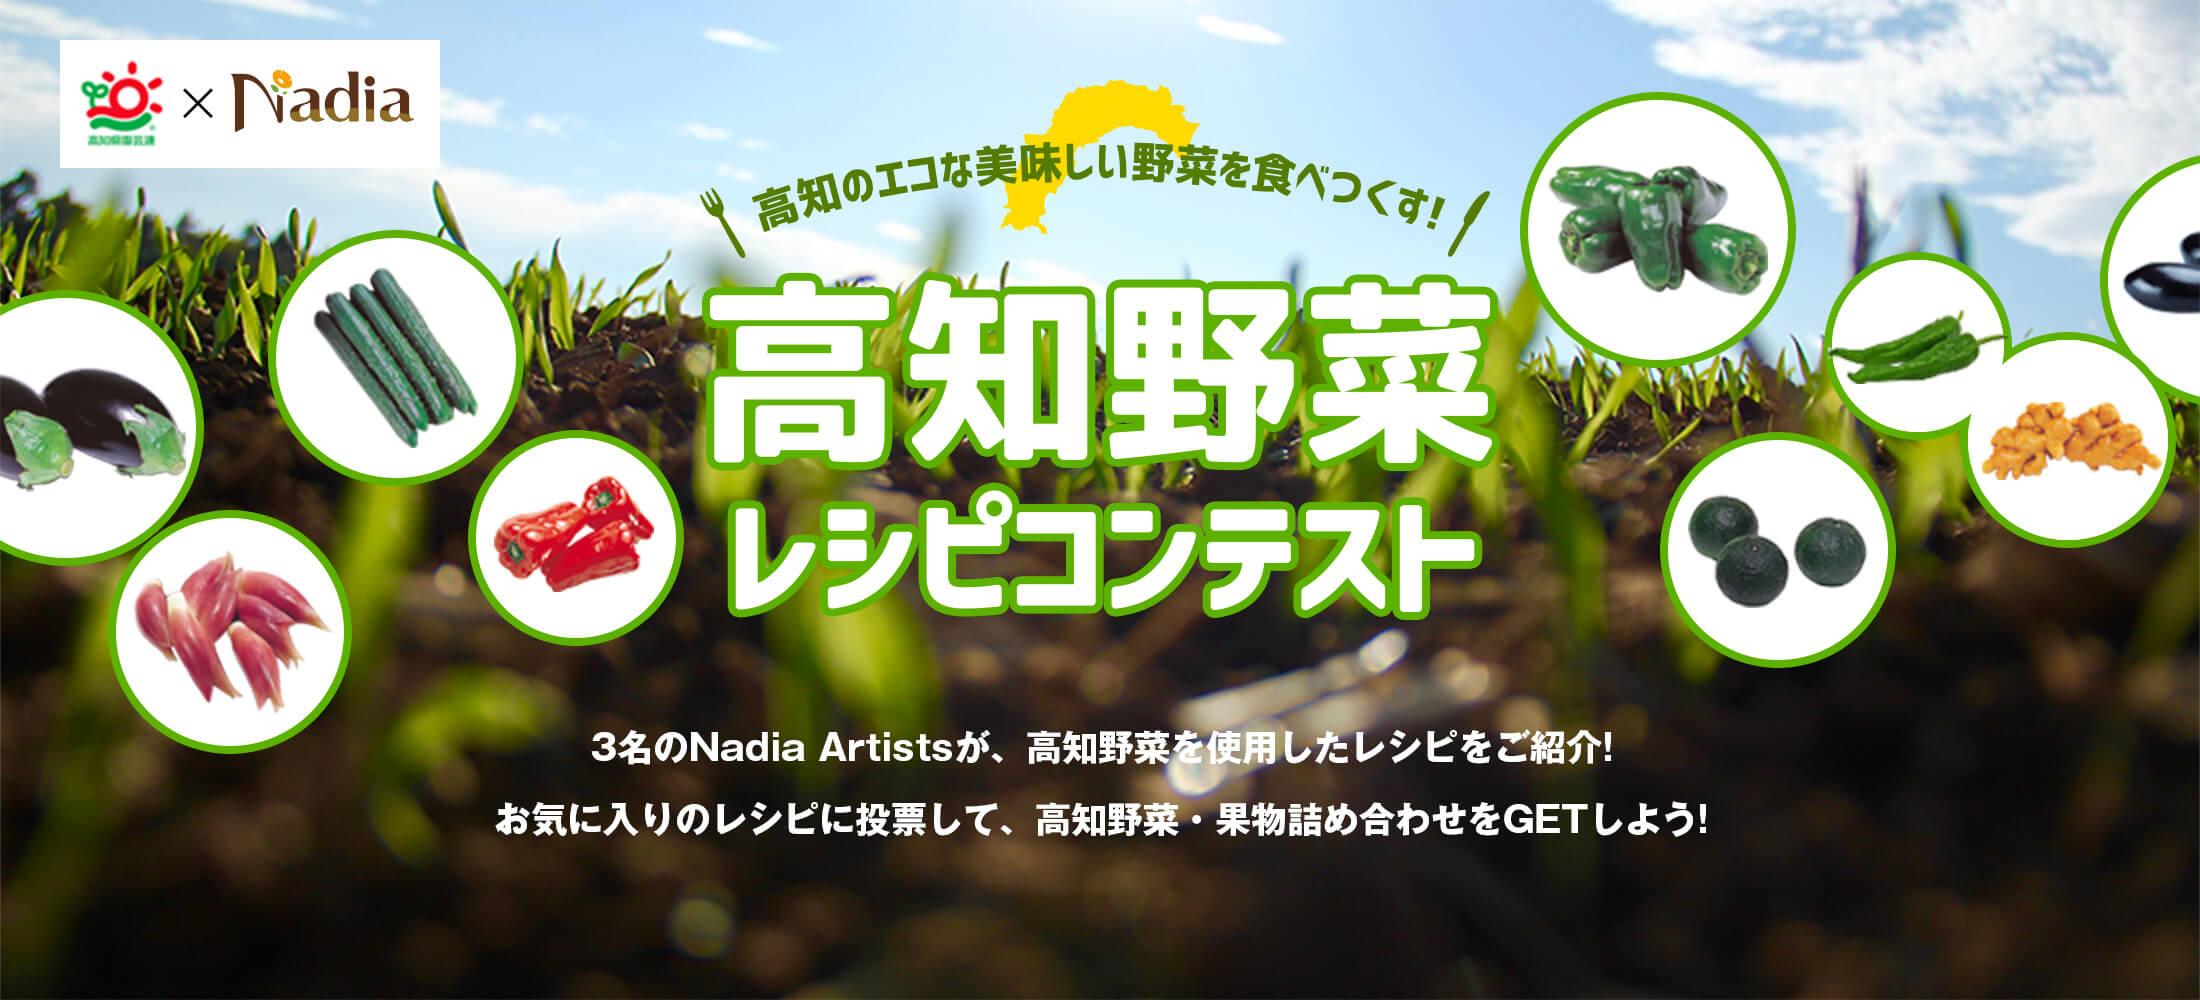 高知のエコな美味しい野菜を食べつくす!高知野菜レシピコンテスト 3名のNadia Artistsが、高知野菜を使用したレシピをご紹介!!お気に入りのレシピに投票して、高知野菜・果物詰め合わせをGETしよう!